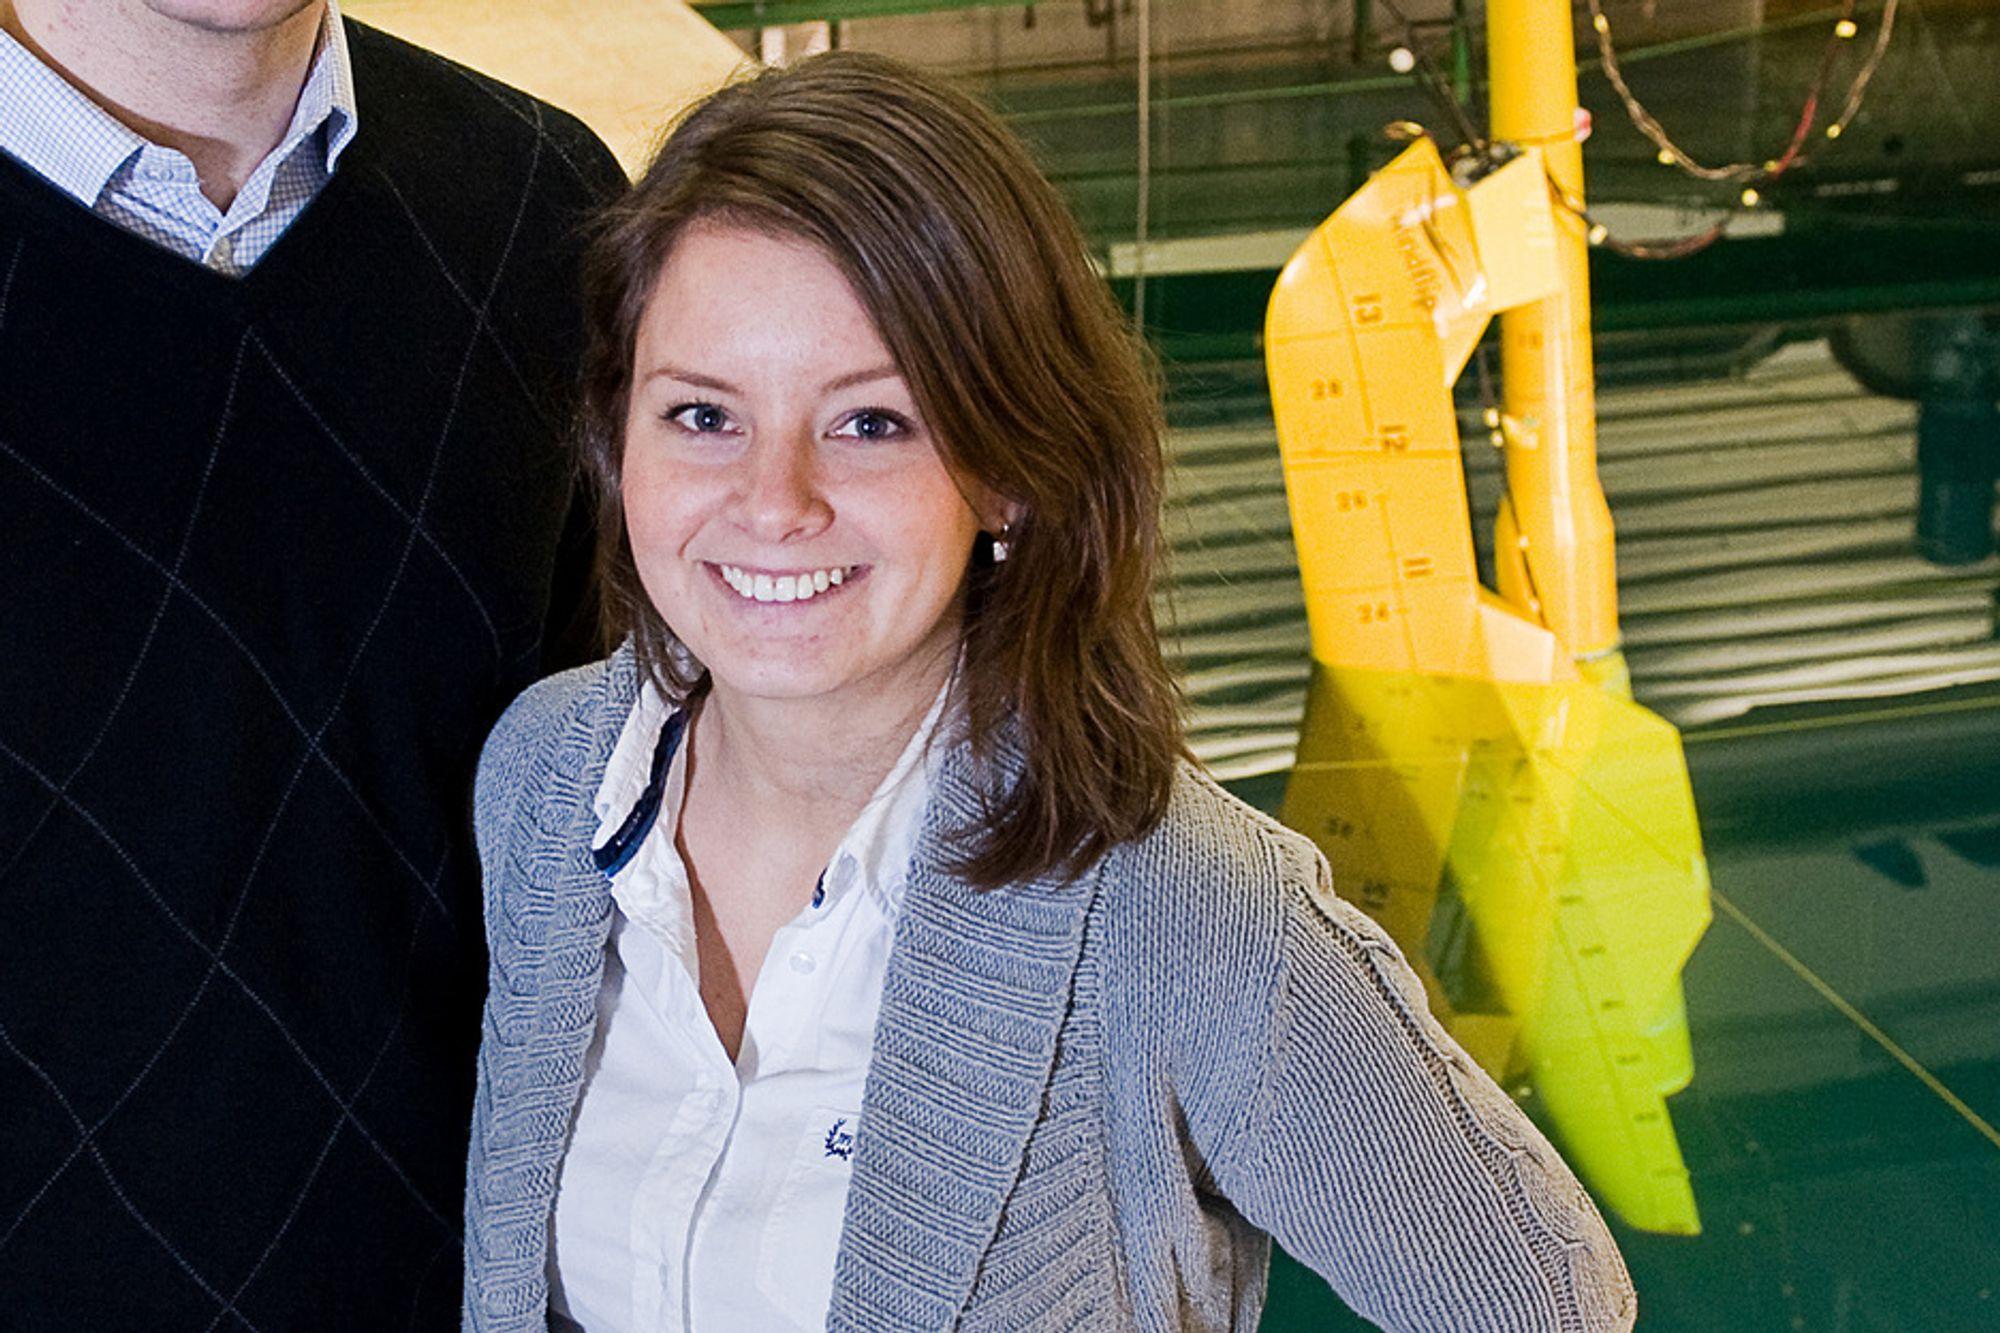 Windflip-gründer Ane Christophersen er kåret til årets djerveste kvinnelige gründer i 2010.